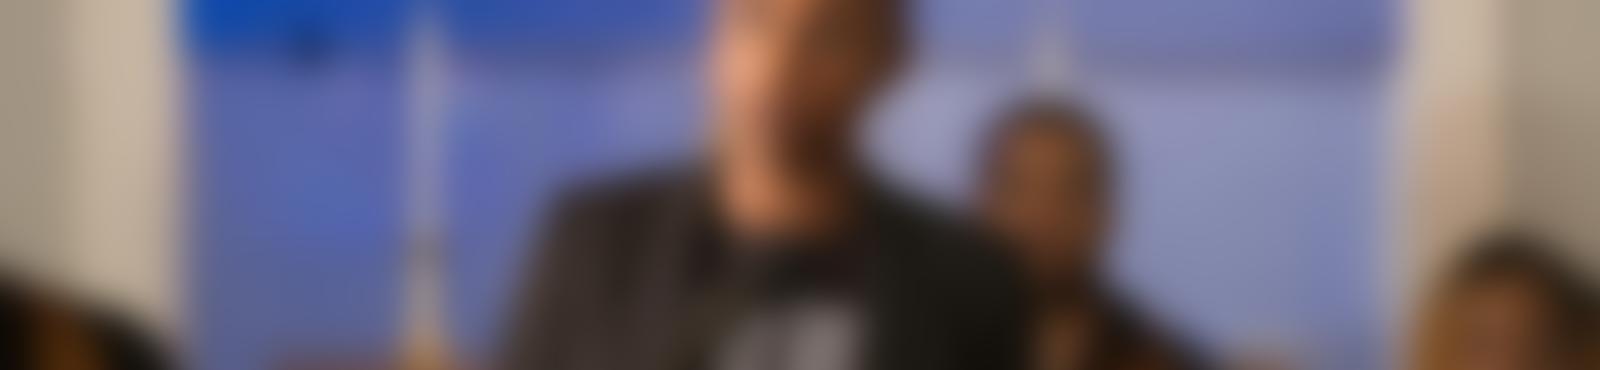 Blurred d57ade02 726d 485a bb95 d3096c852693